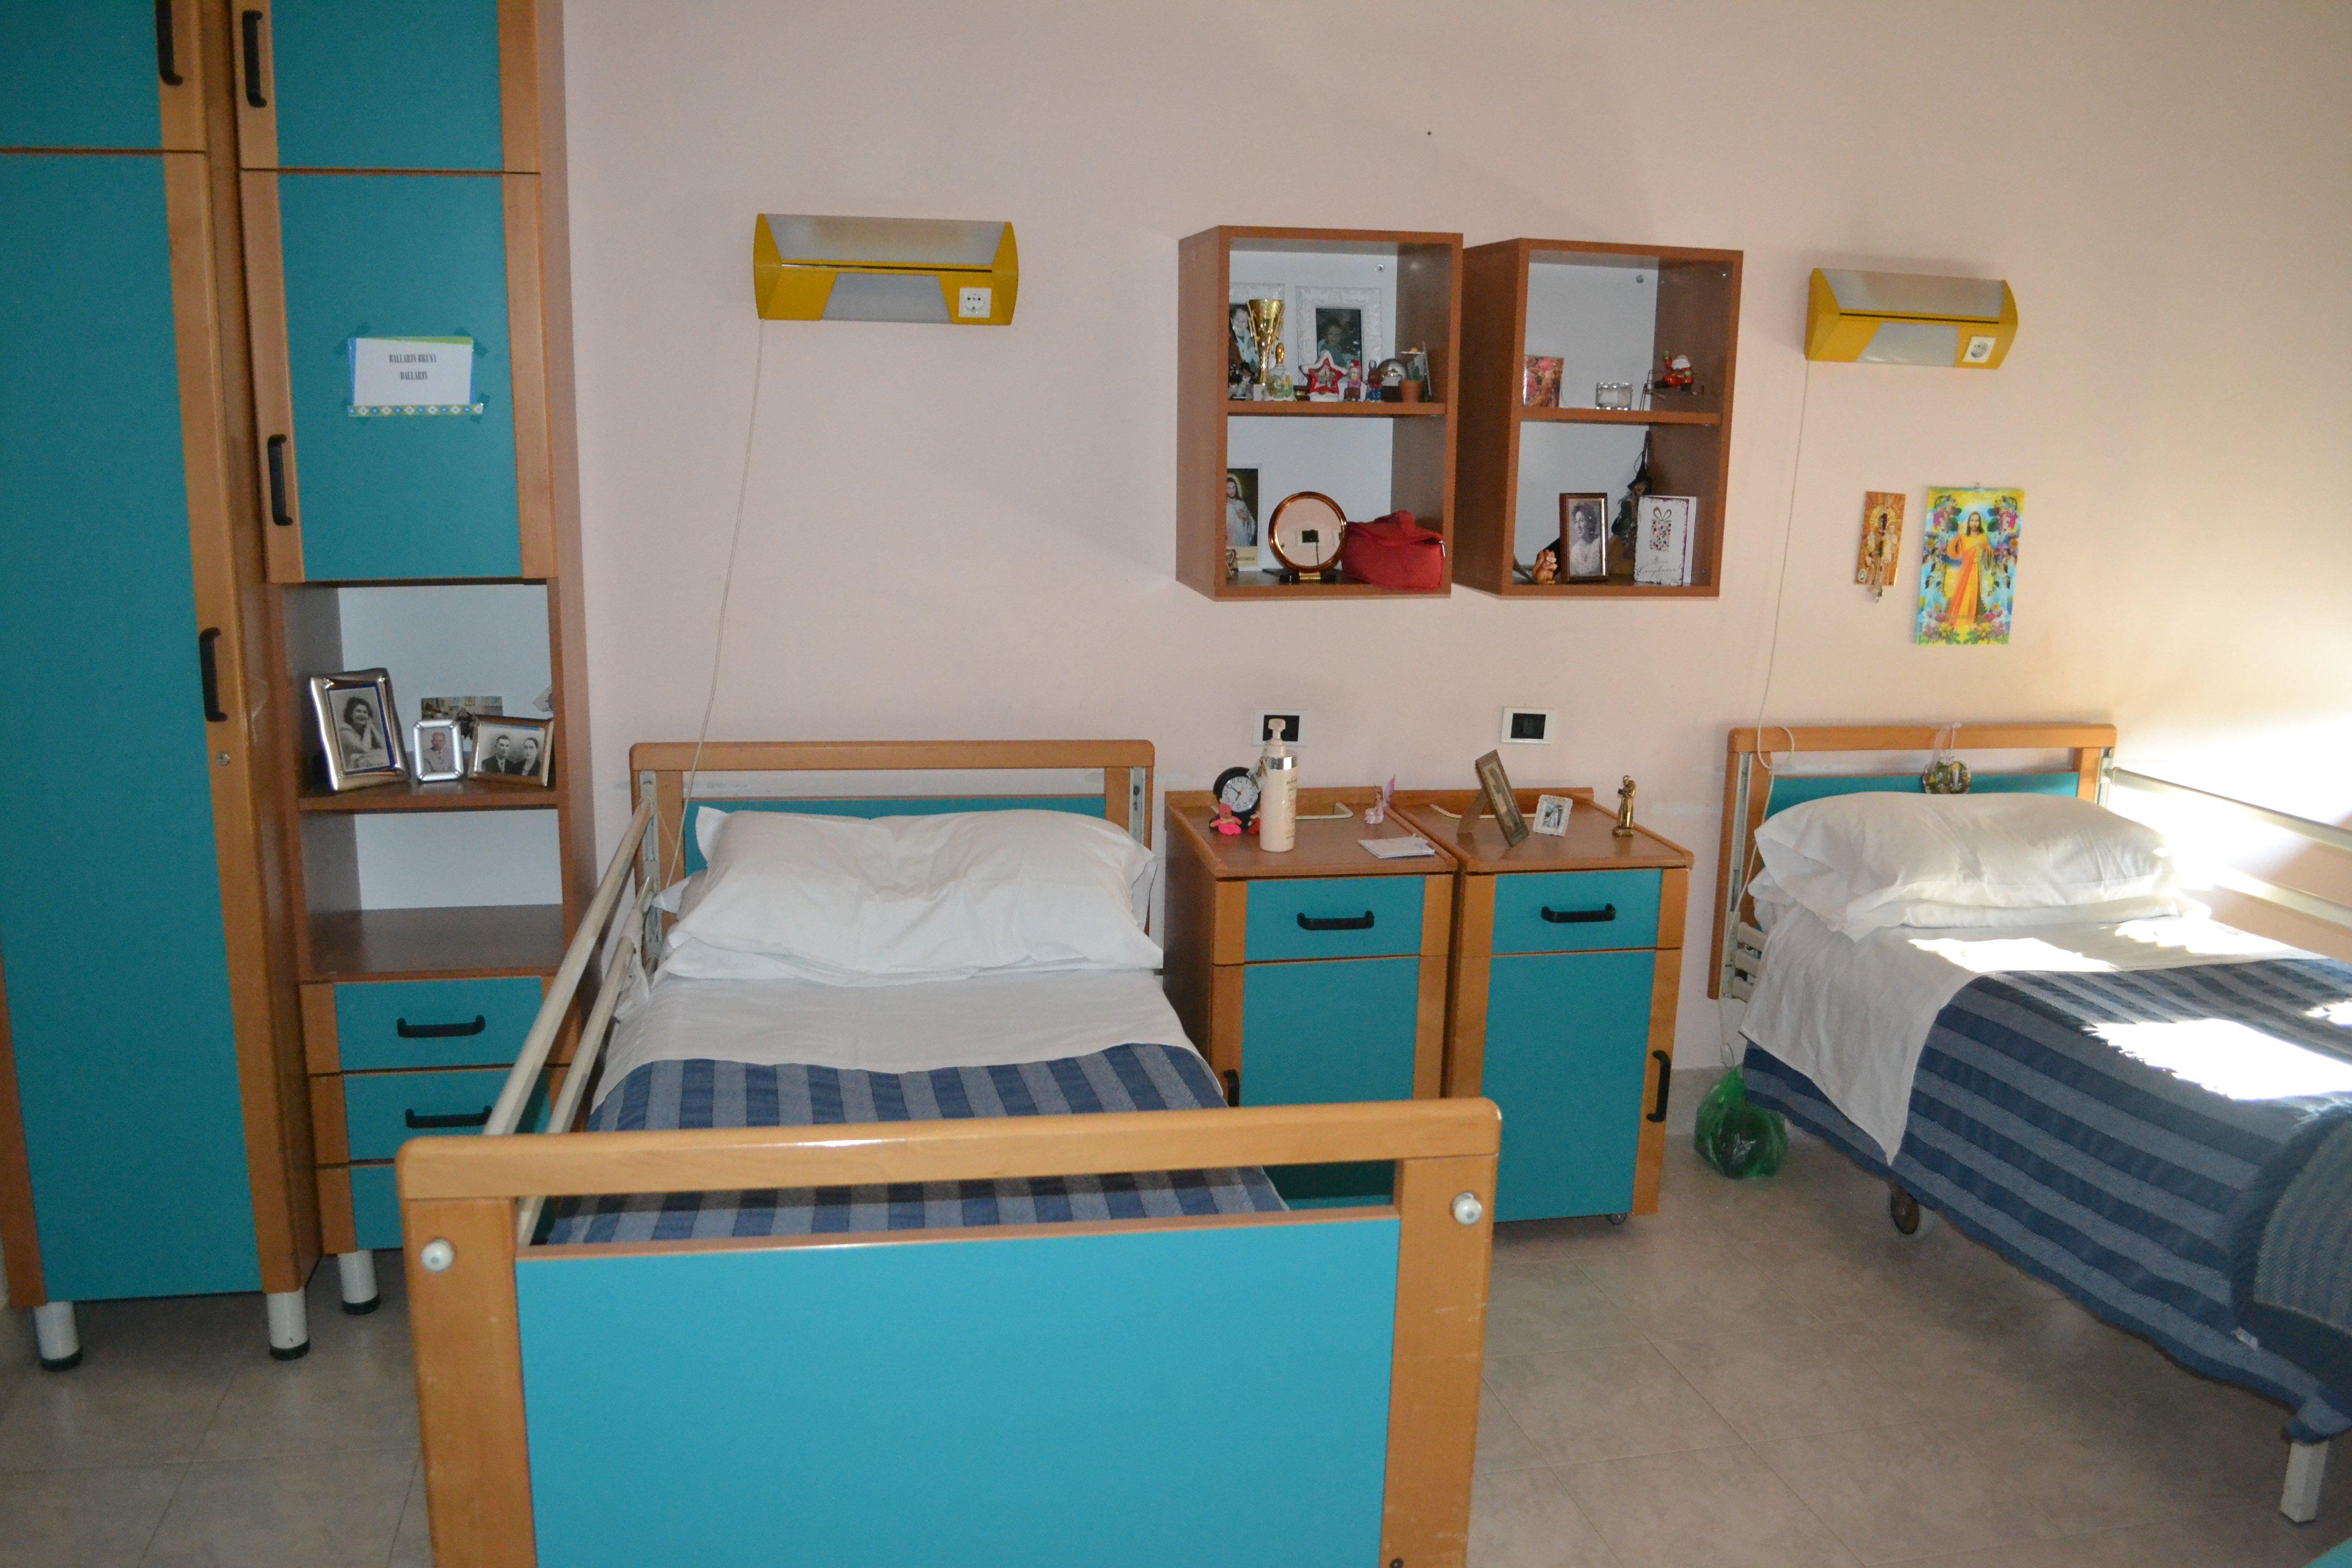 camera con letti e comodini azzurri